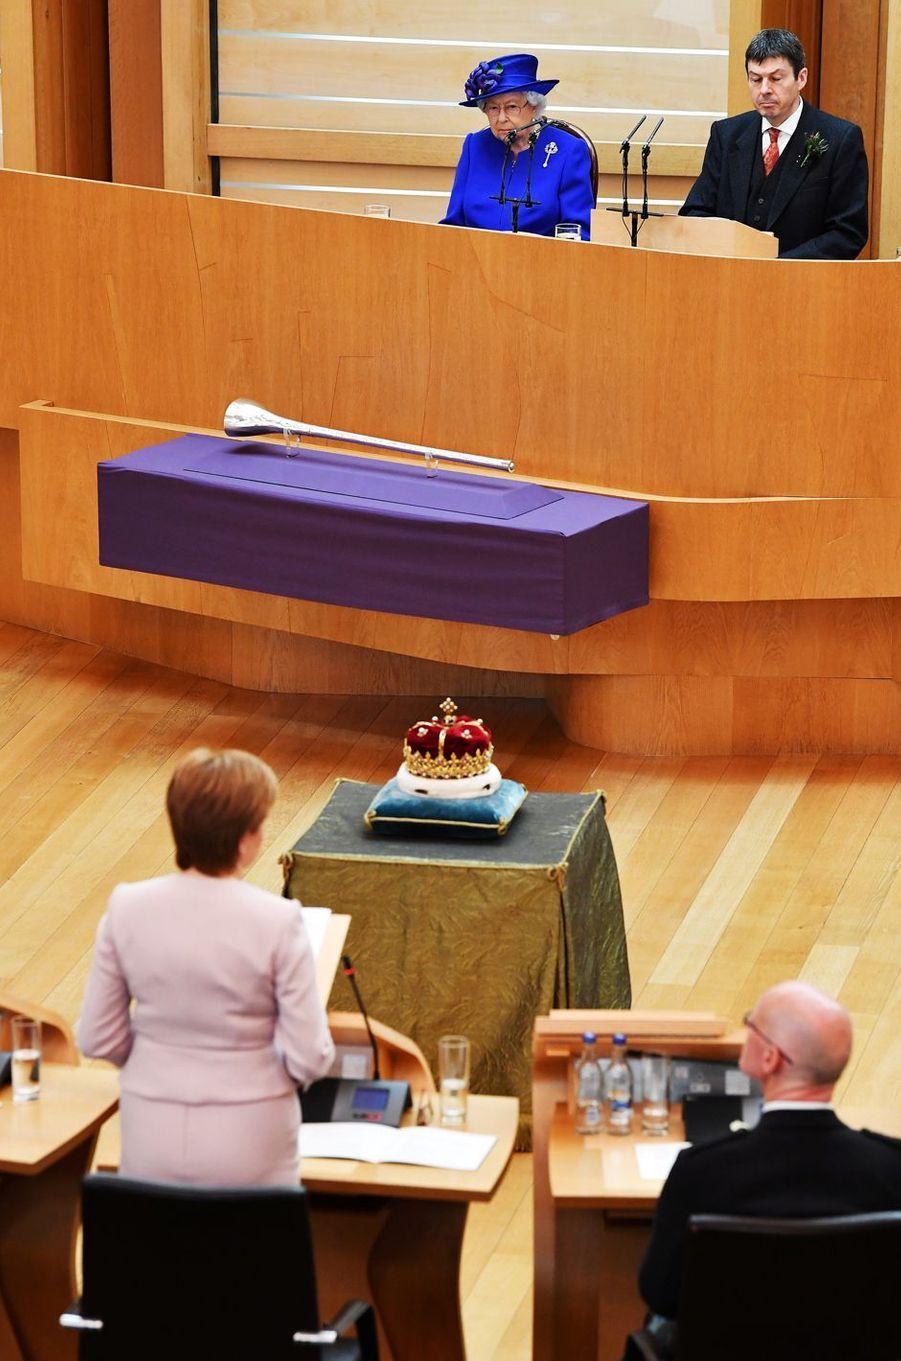 La reine Elizabeth II avec Ken Macintosh, président du Parlement écossais, à Edimbourg le 29 juin 2019